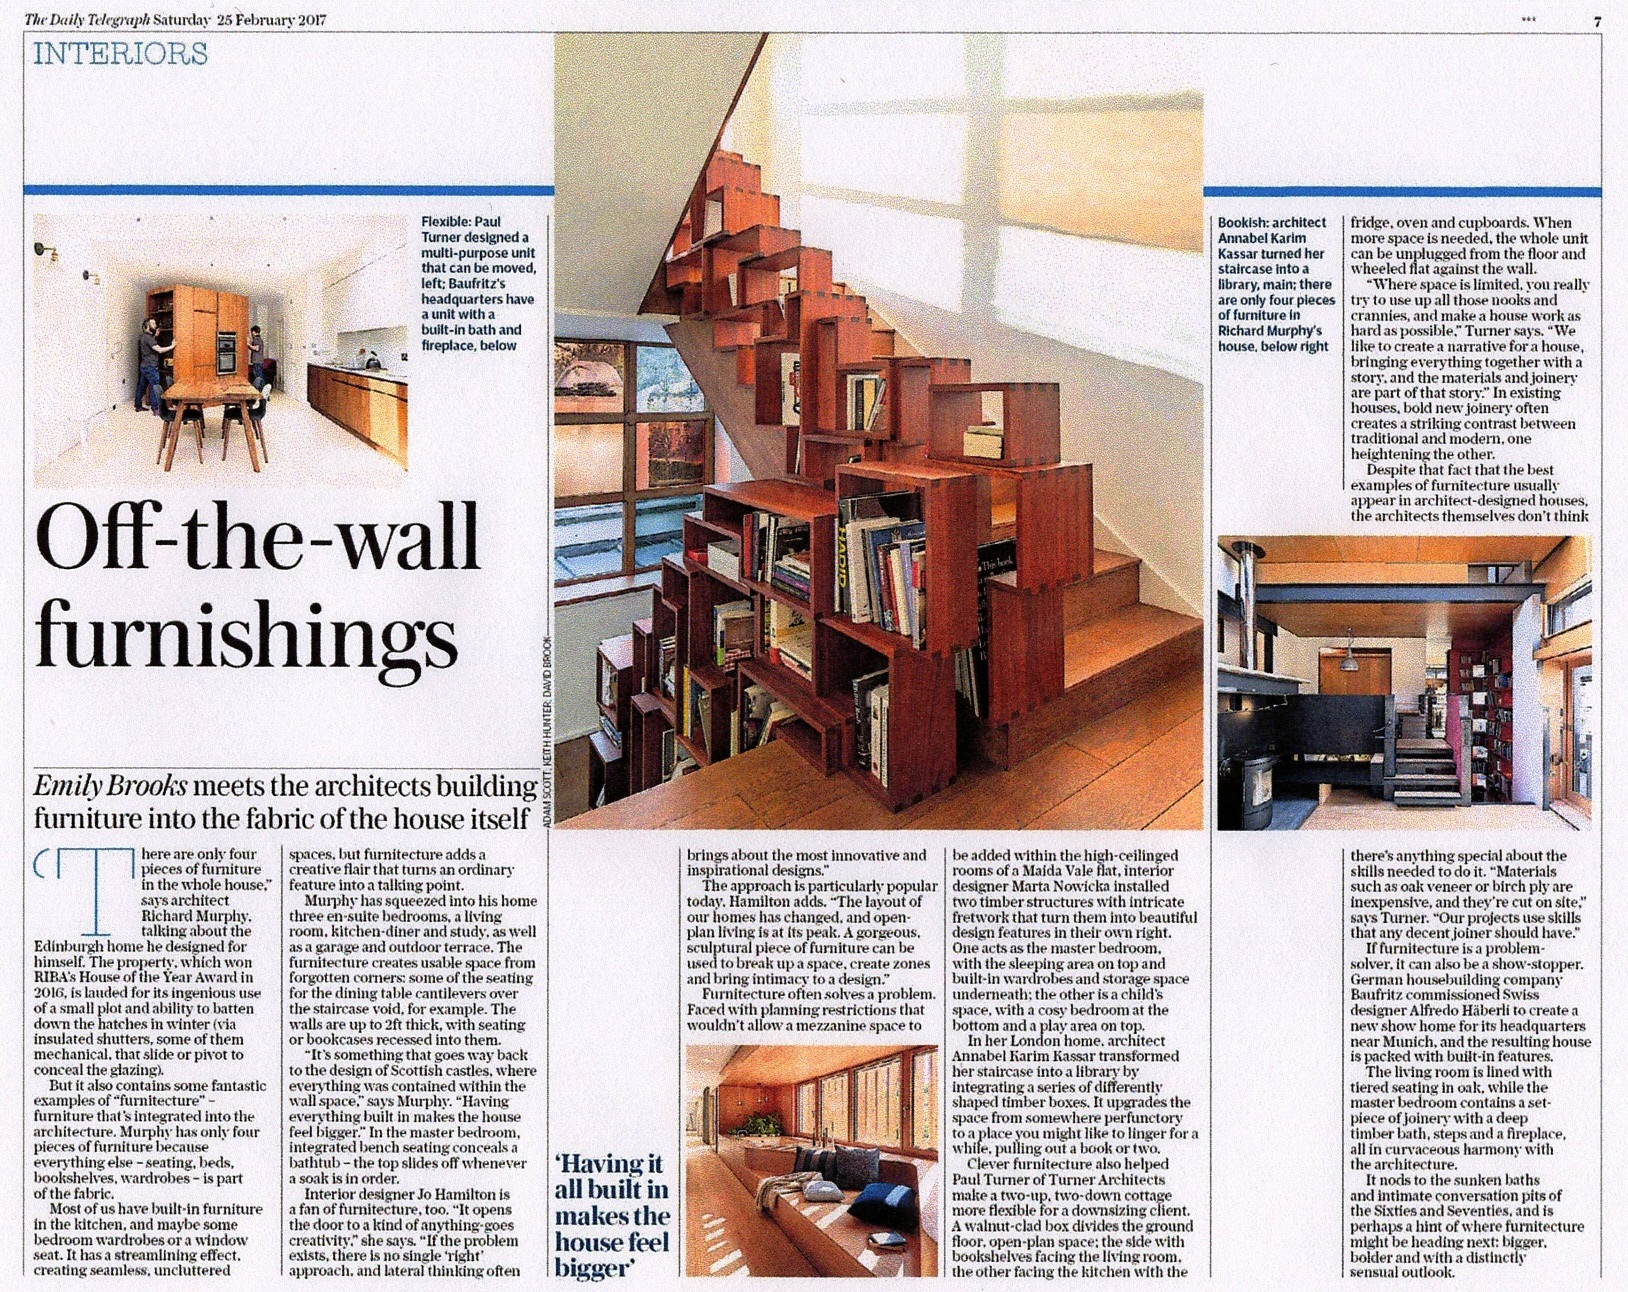 Luxury interior designer Jo Hamilton in Daily Telegraph February